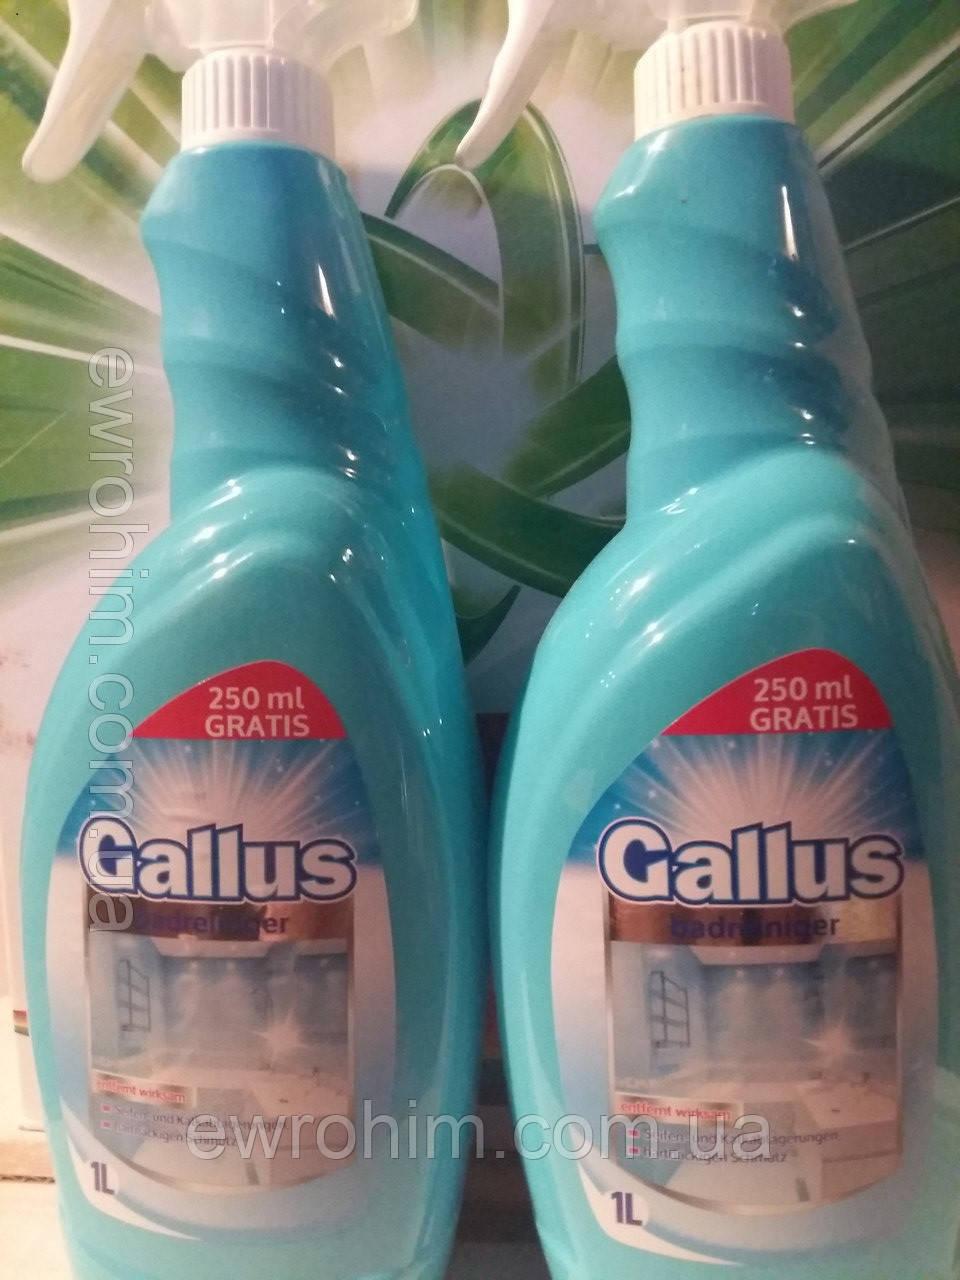 Спрей-очиститель Gallus для ванн, 1 л